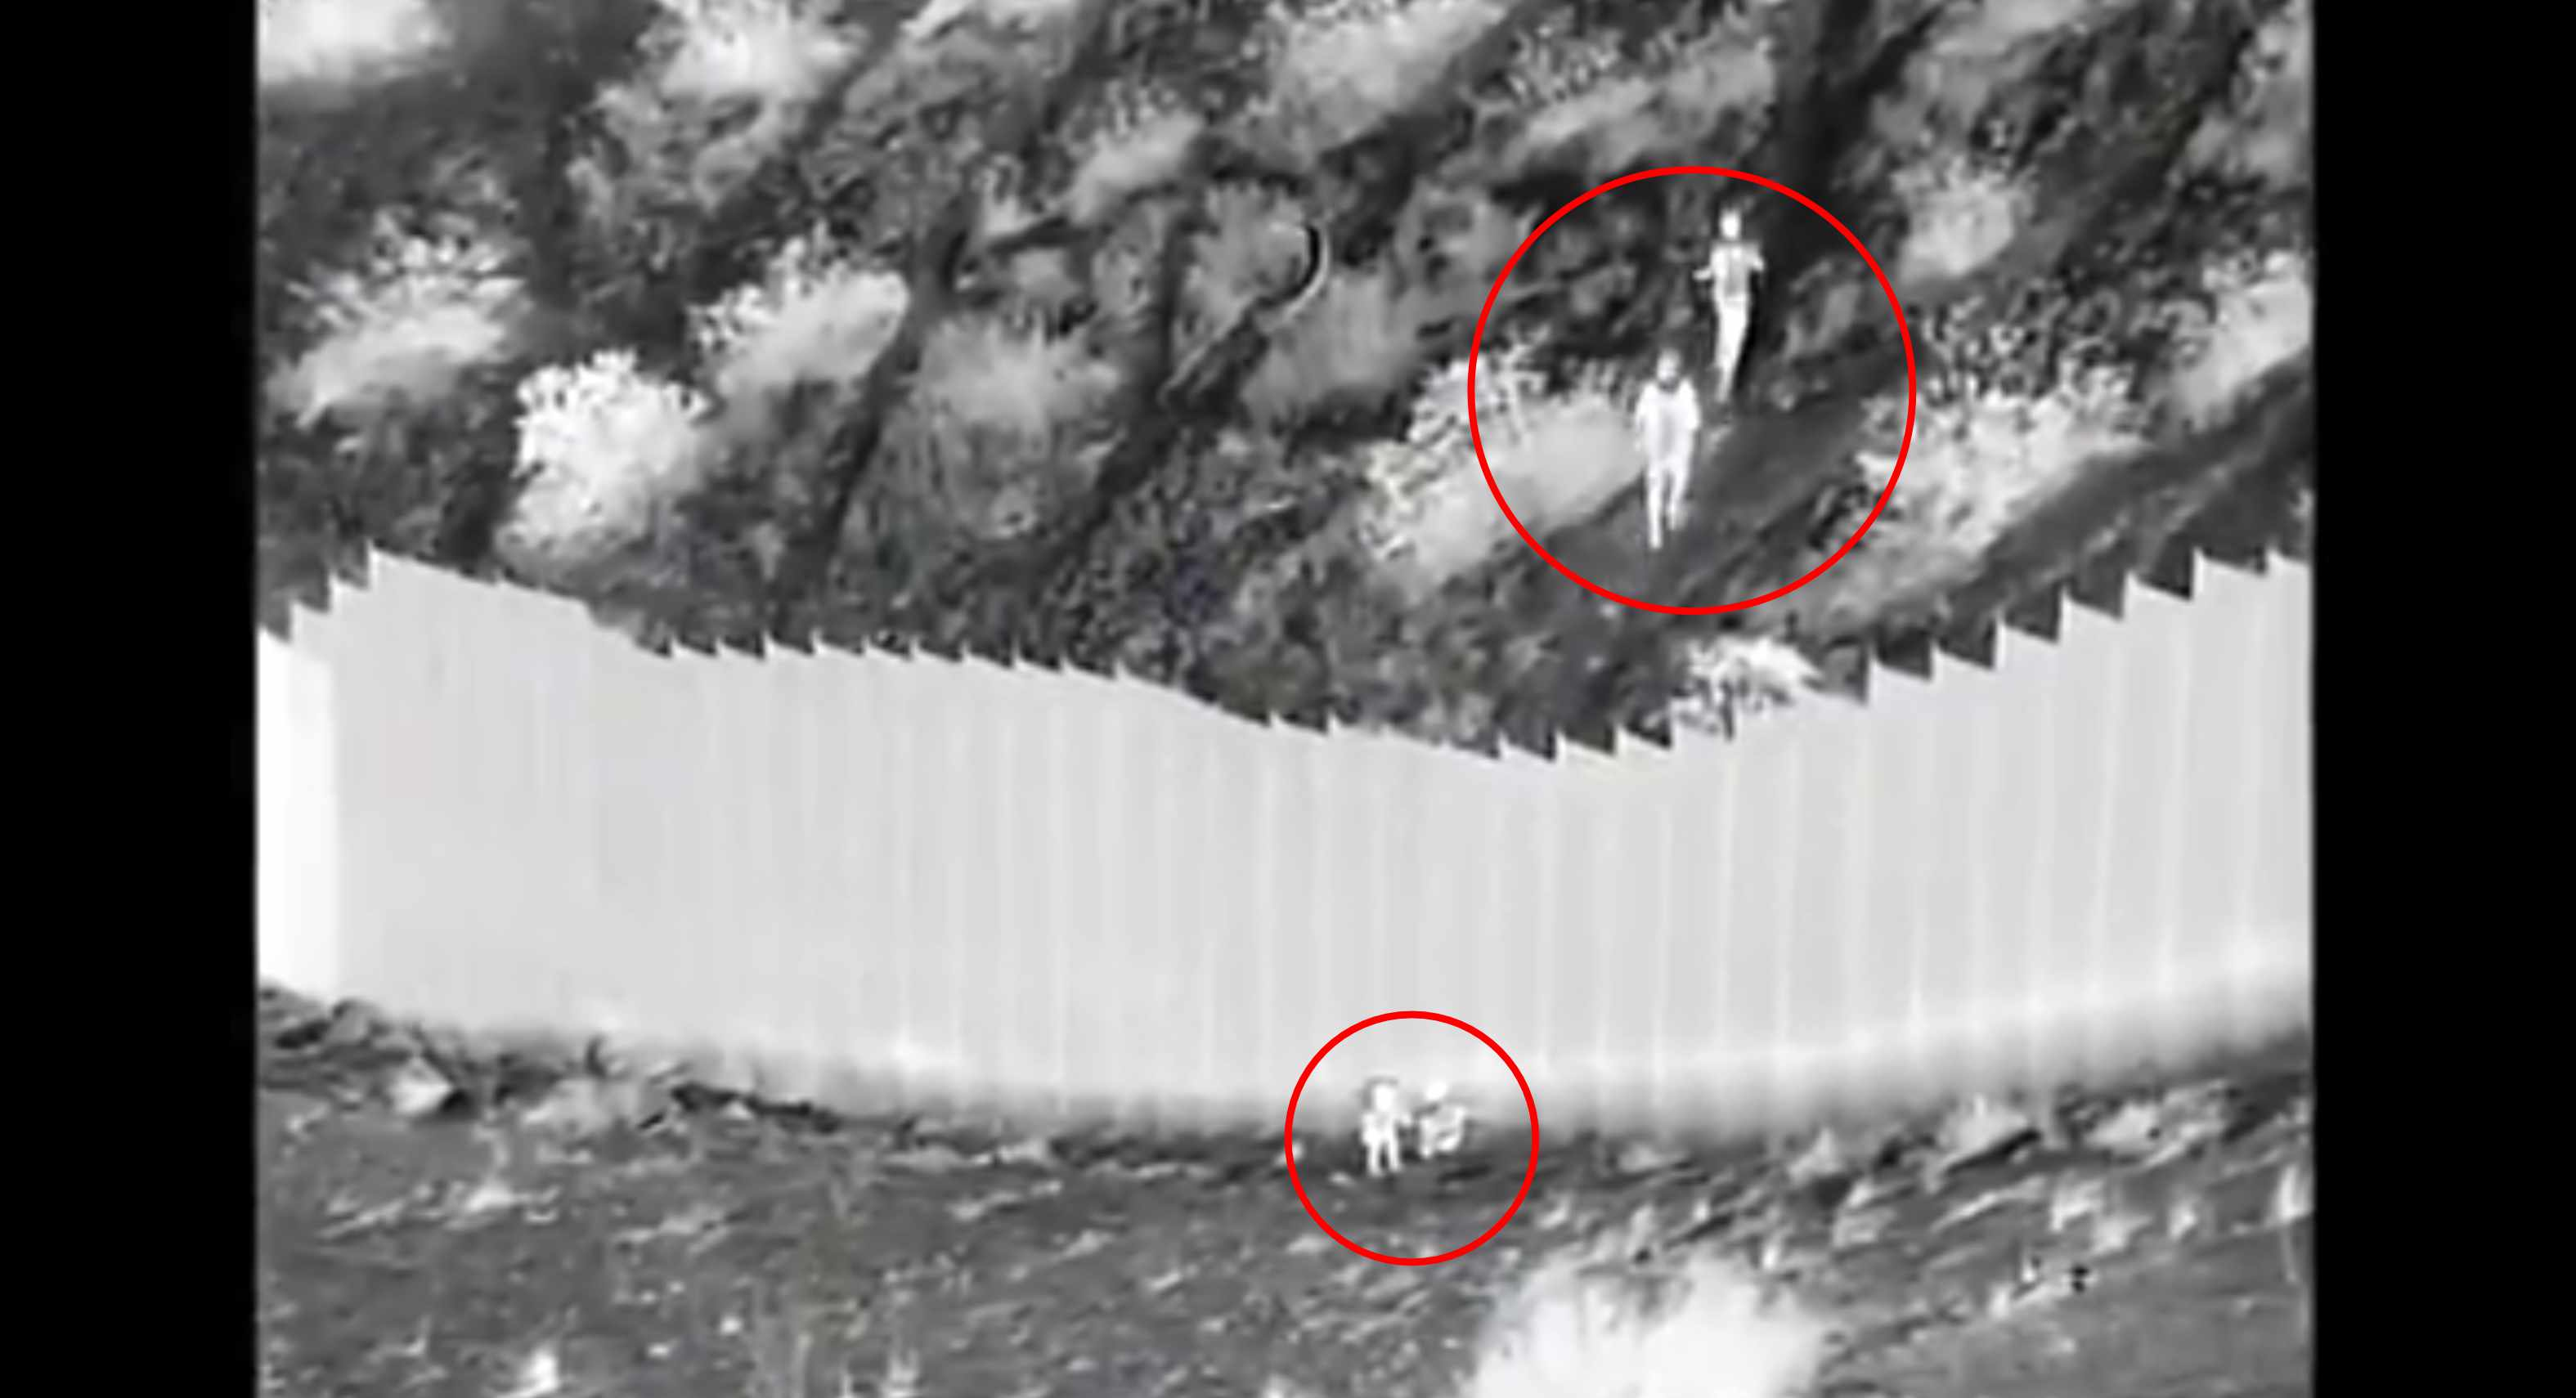 Desde el muro fronterizo lanzan a dos pequeñas de una altura de 4 metros